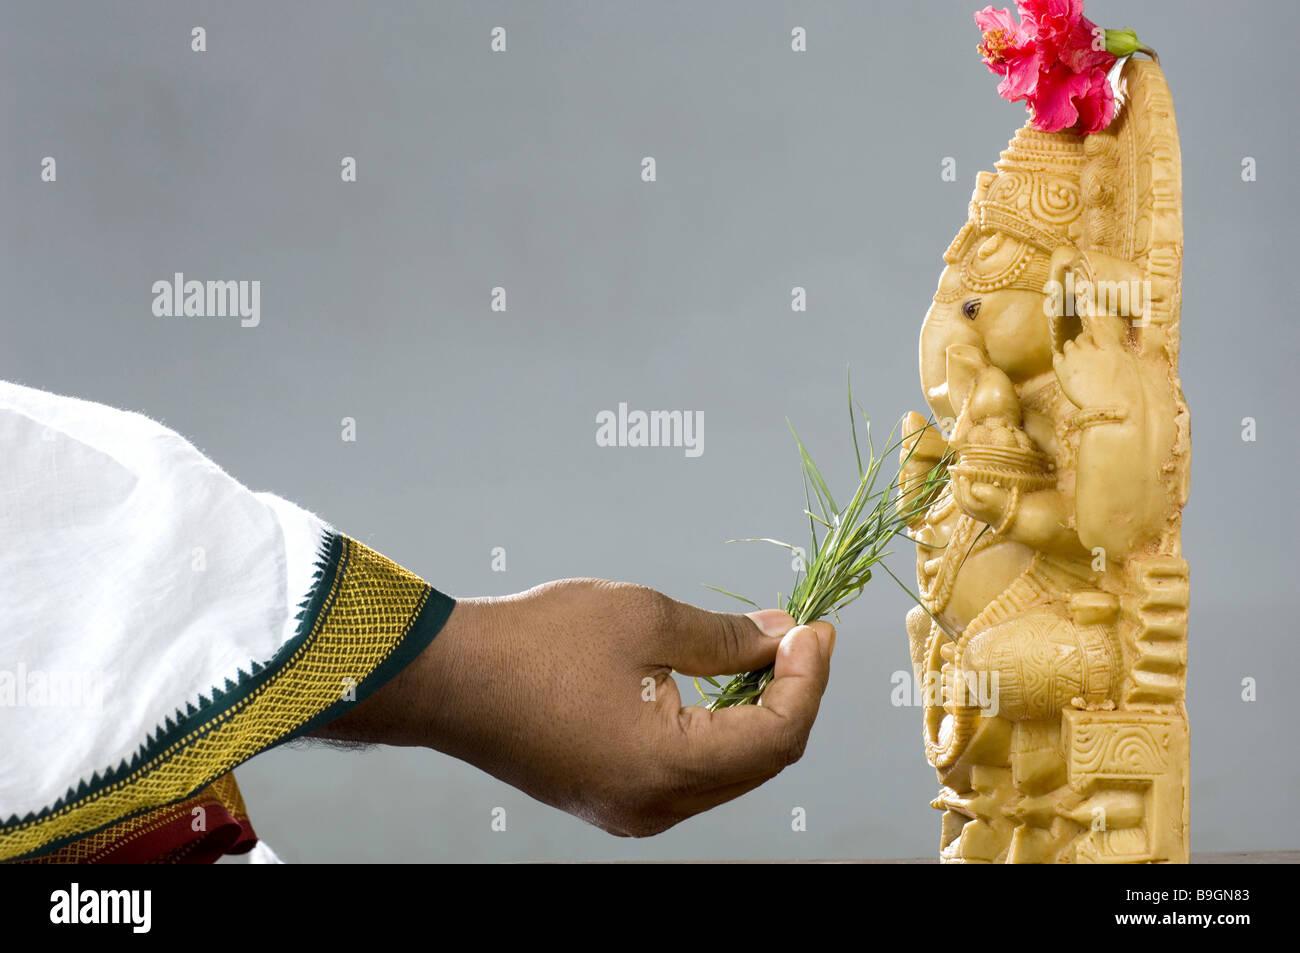 La Credenza In Dio : India statua ganesha mano sacrificio credenza erba religione